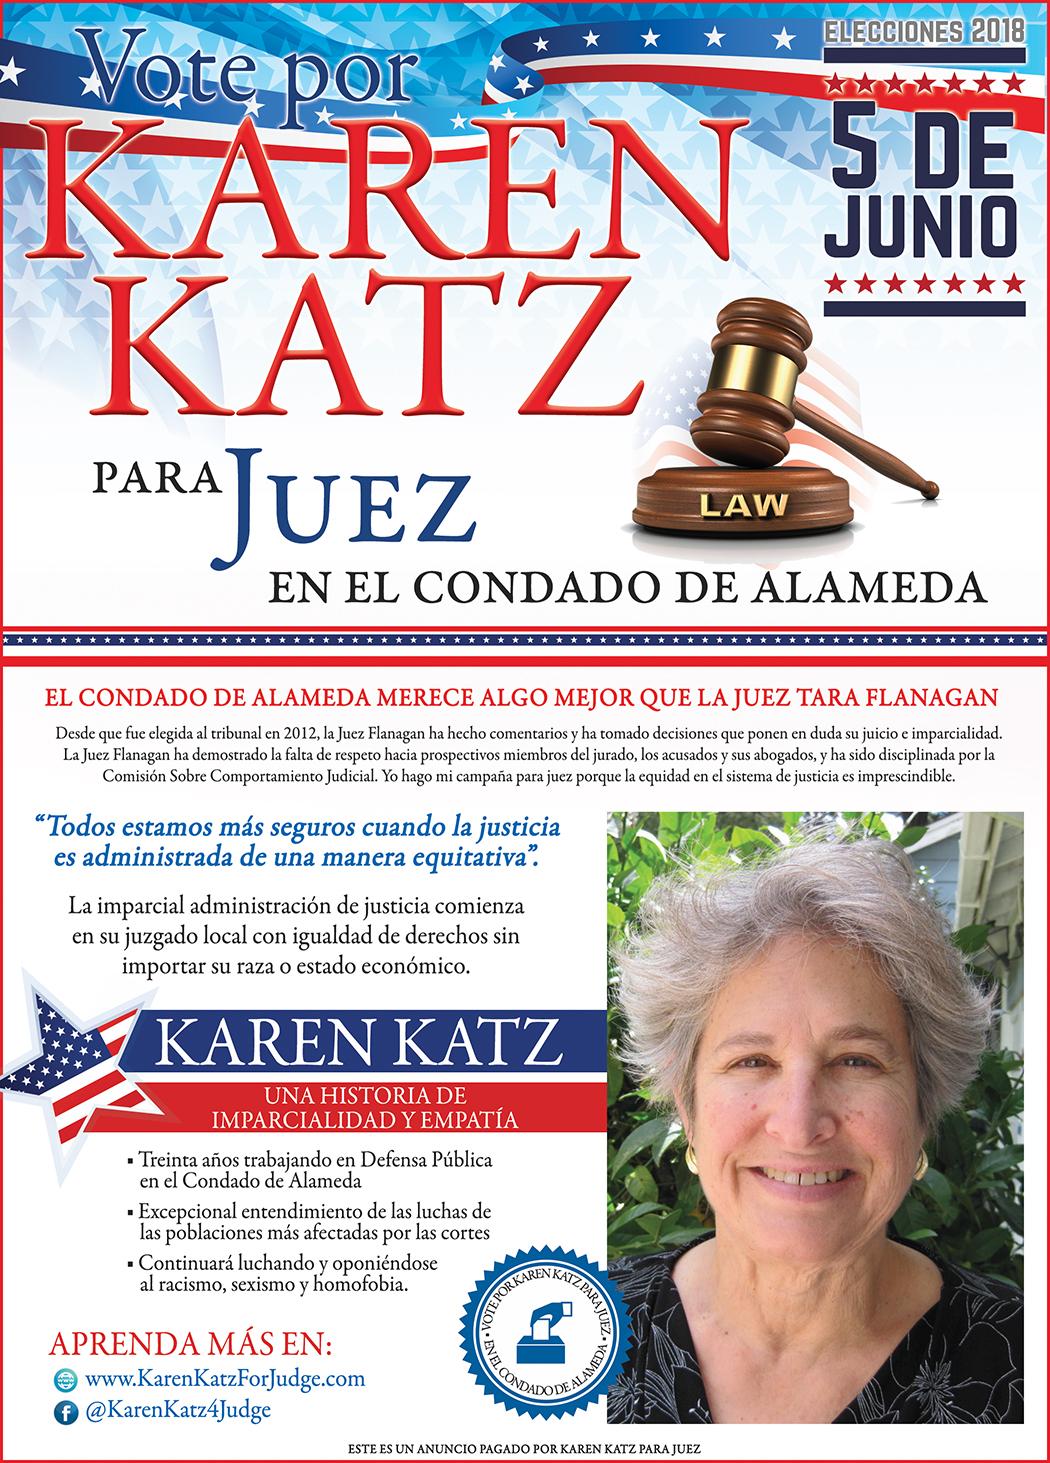 Karen Katz 1 pag MAYO 2018 copy.jpg